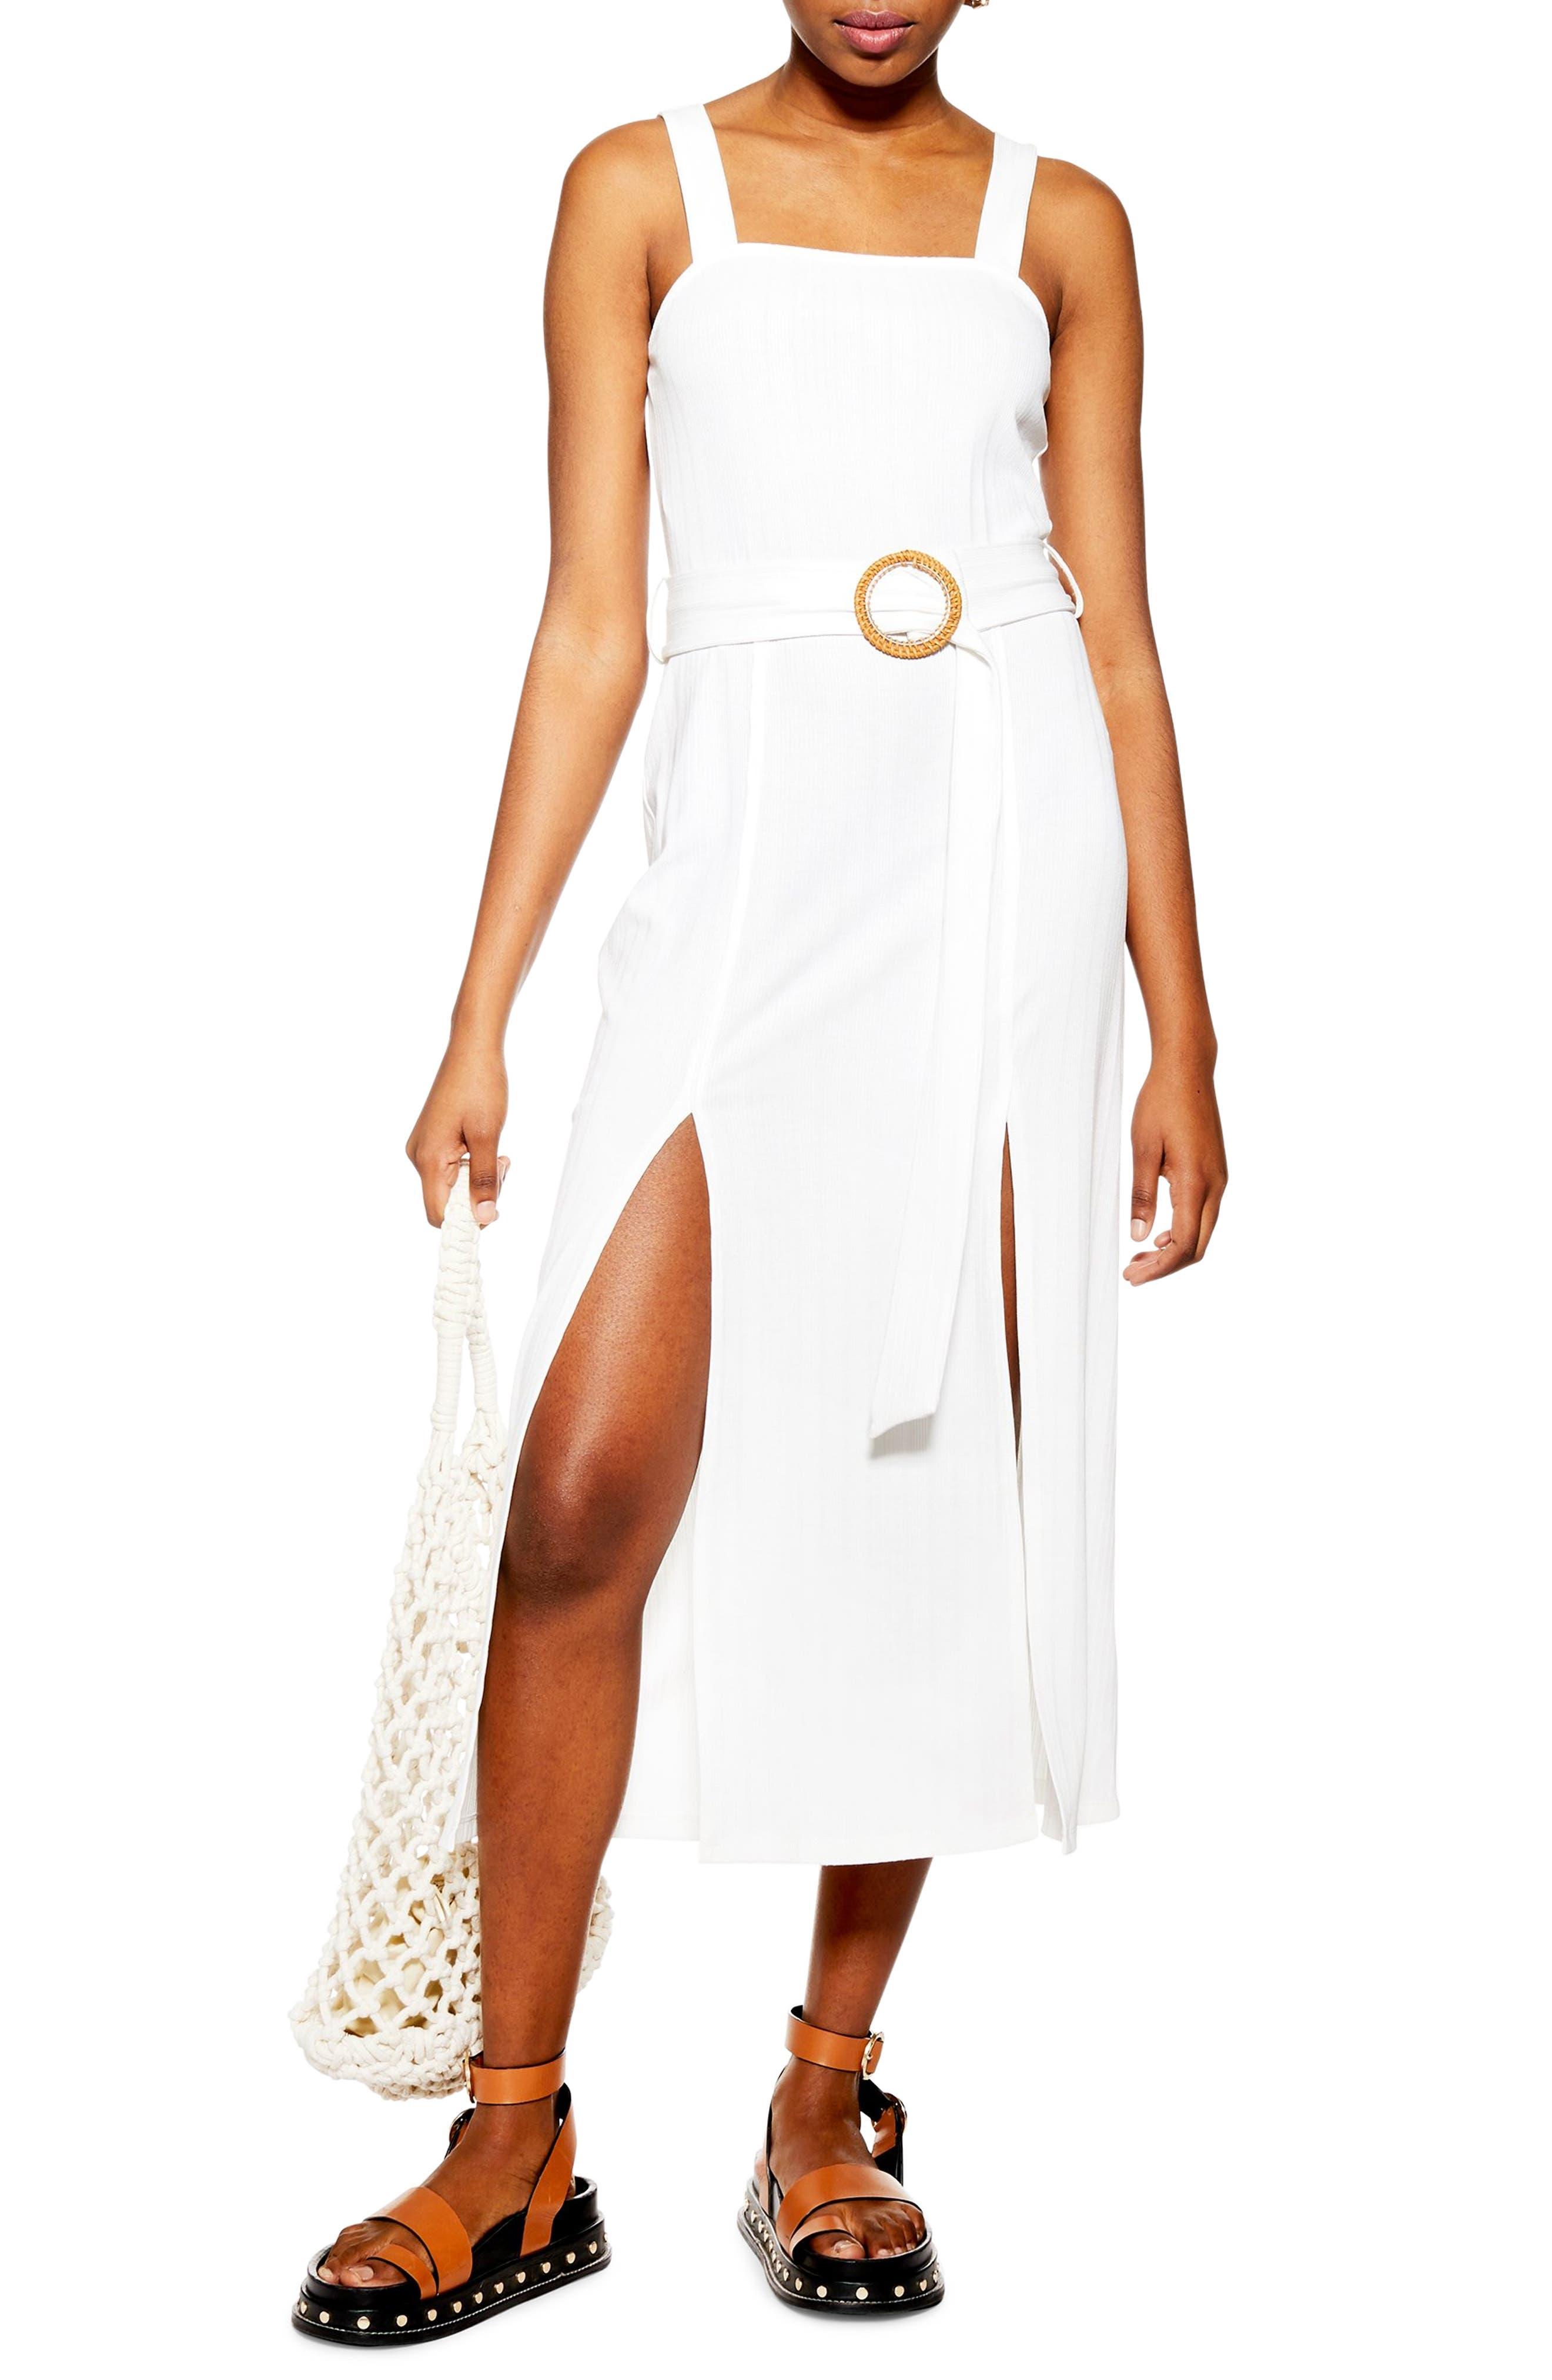 Topshop Raffia Midi Dress, US (fits like 10-12) - Ivory